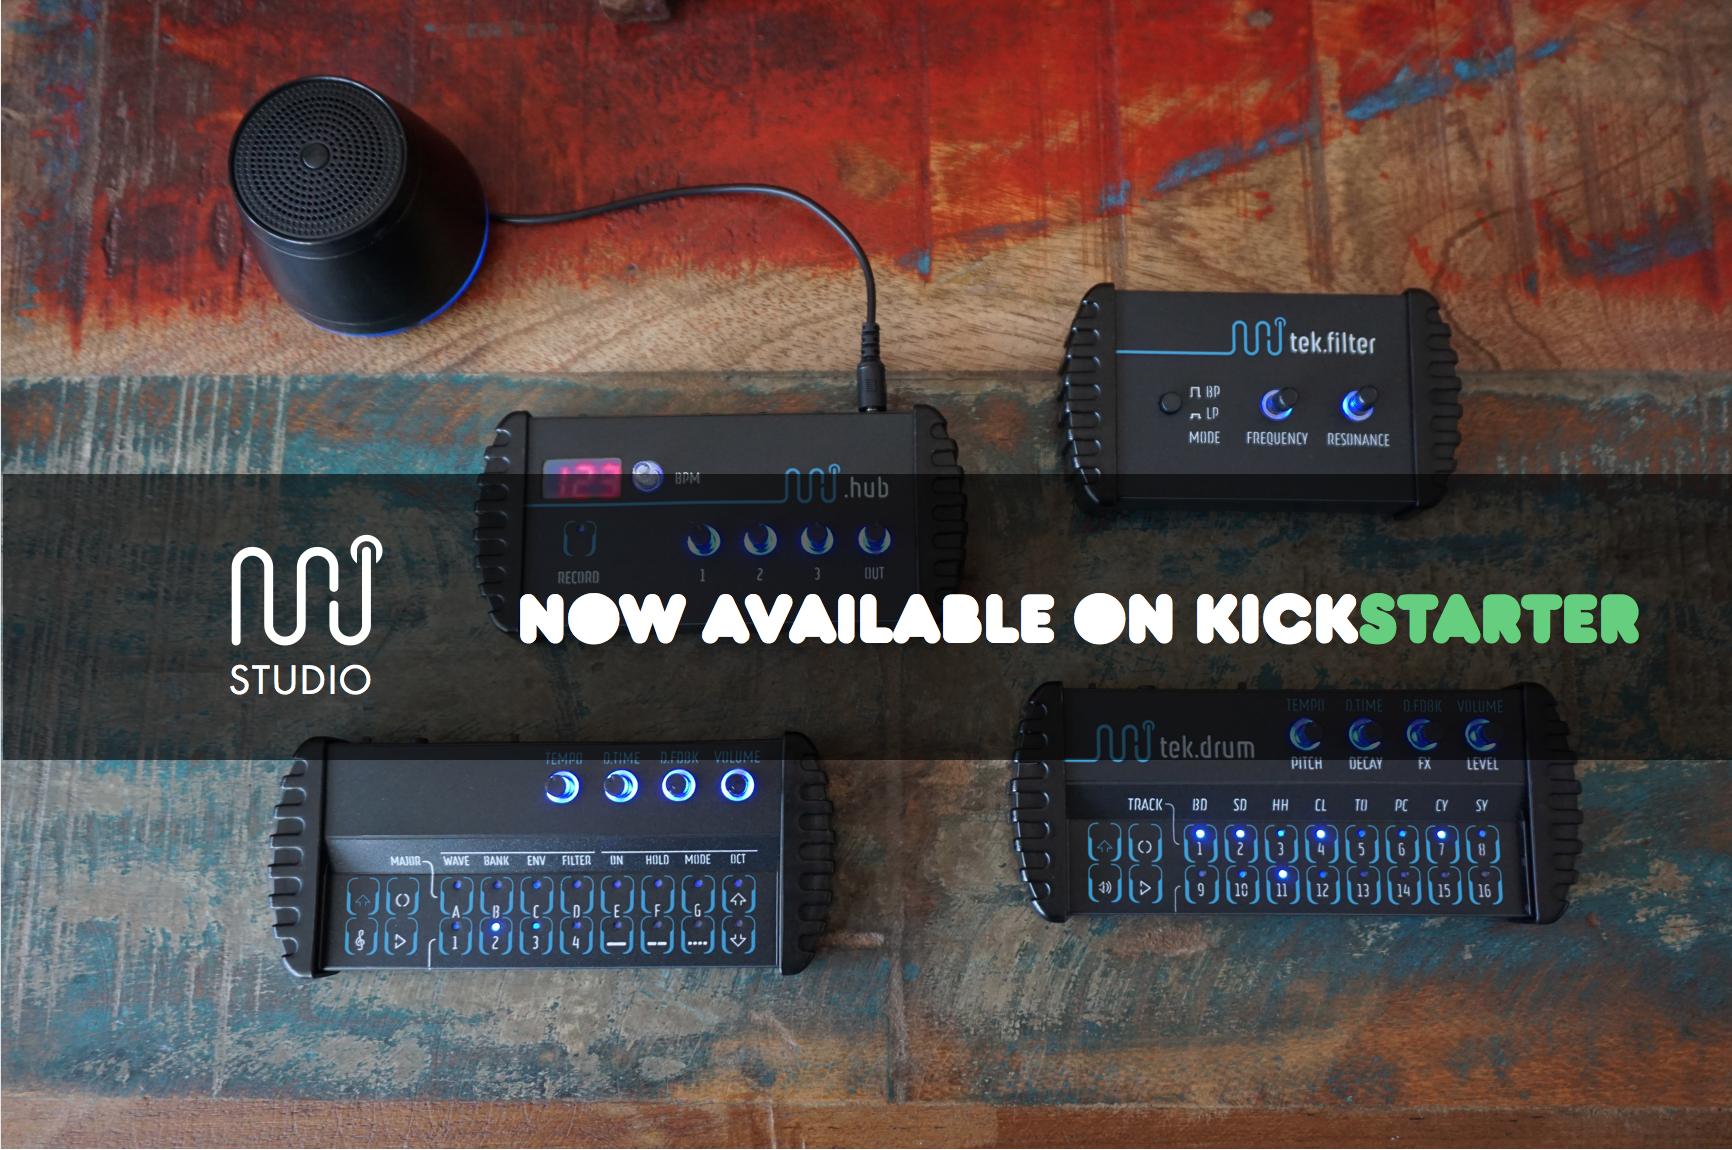 Minijam Studio - das tragbare Studio, jetzt auf Kickstarter